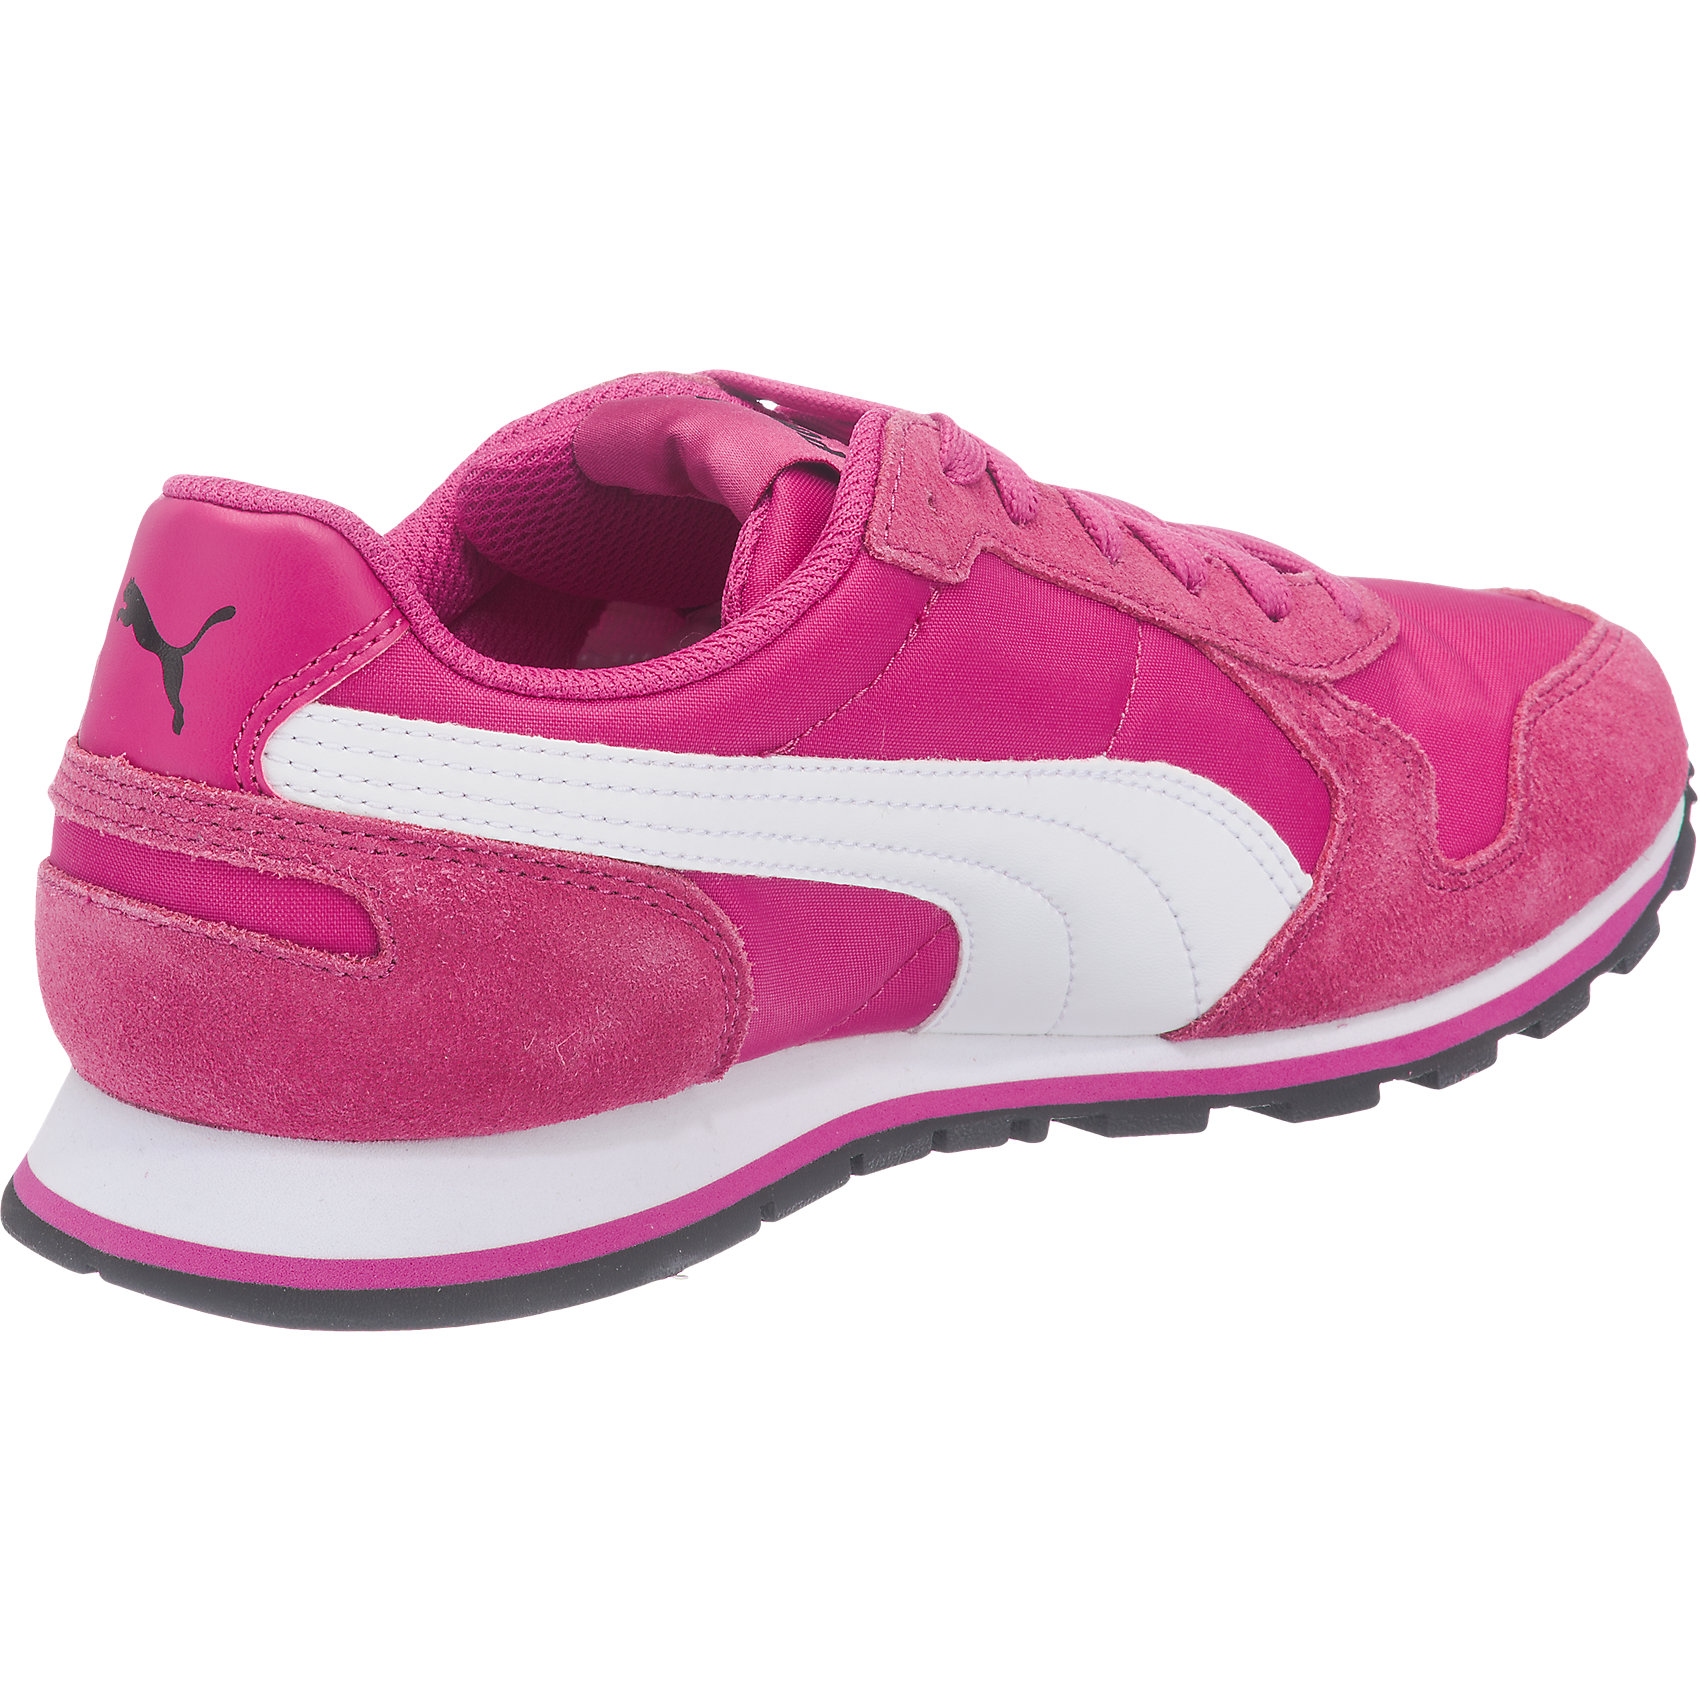 c5de2f7286cad8 ... Nike Men s Size 10 10 10 Jordan 23 Breakout Off Court Shoes  Grey Platinum 881449 ...